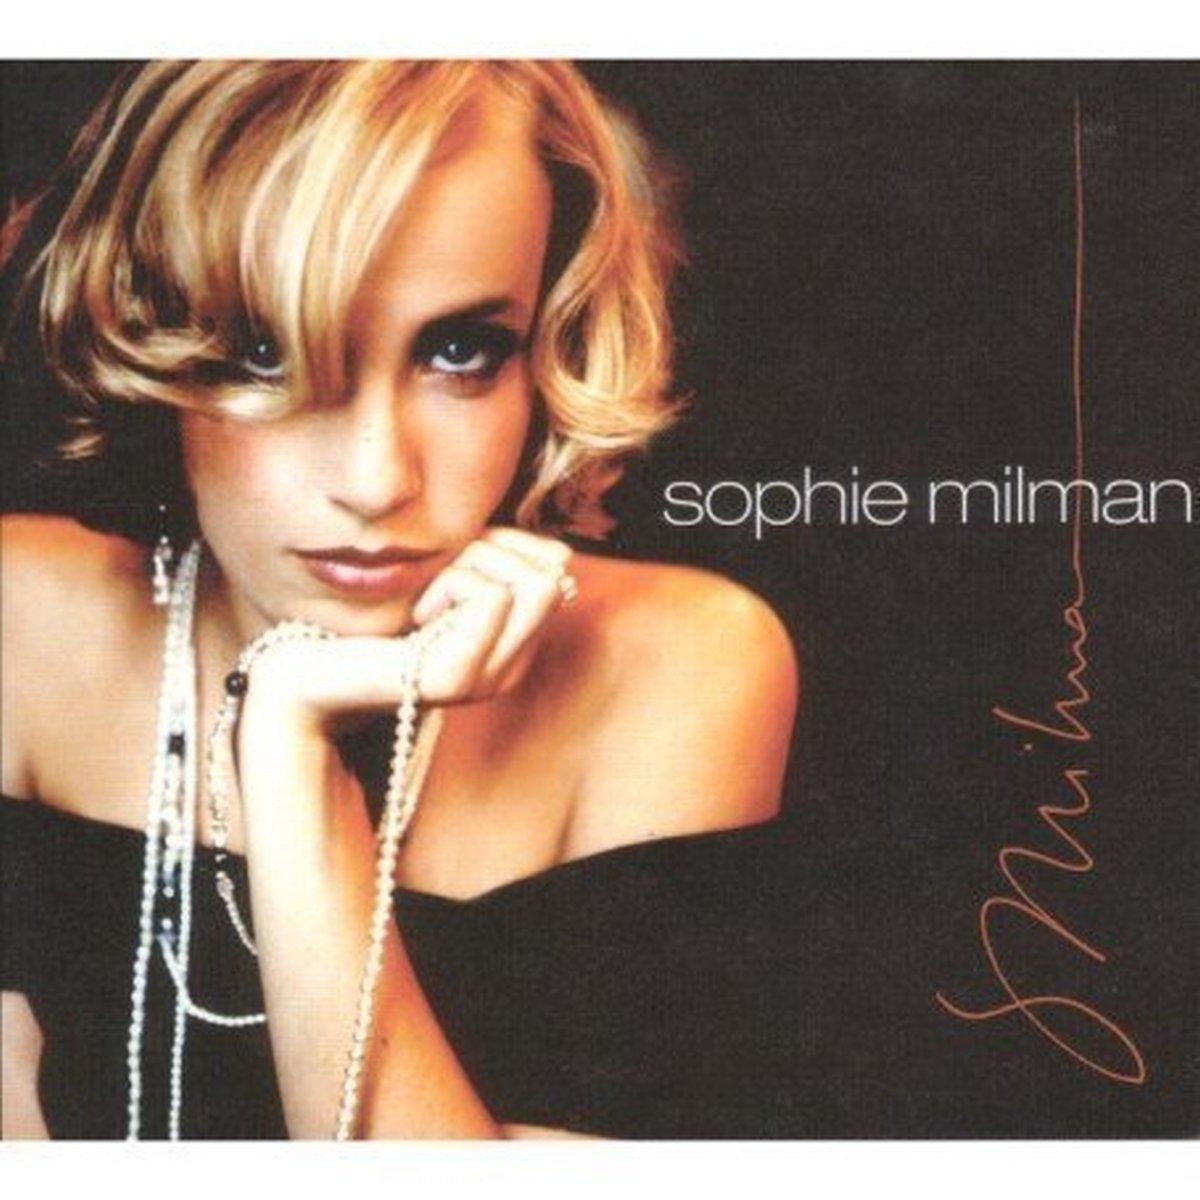 CD : Sophie Milman - Sophie Milman (CD)